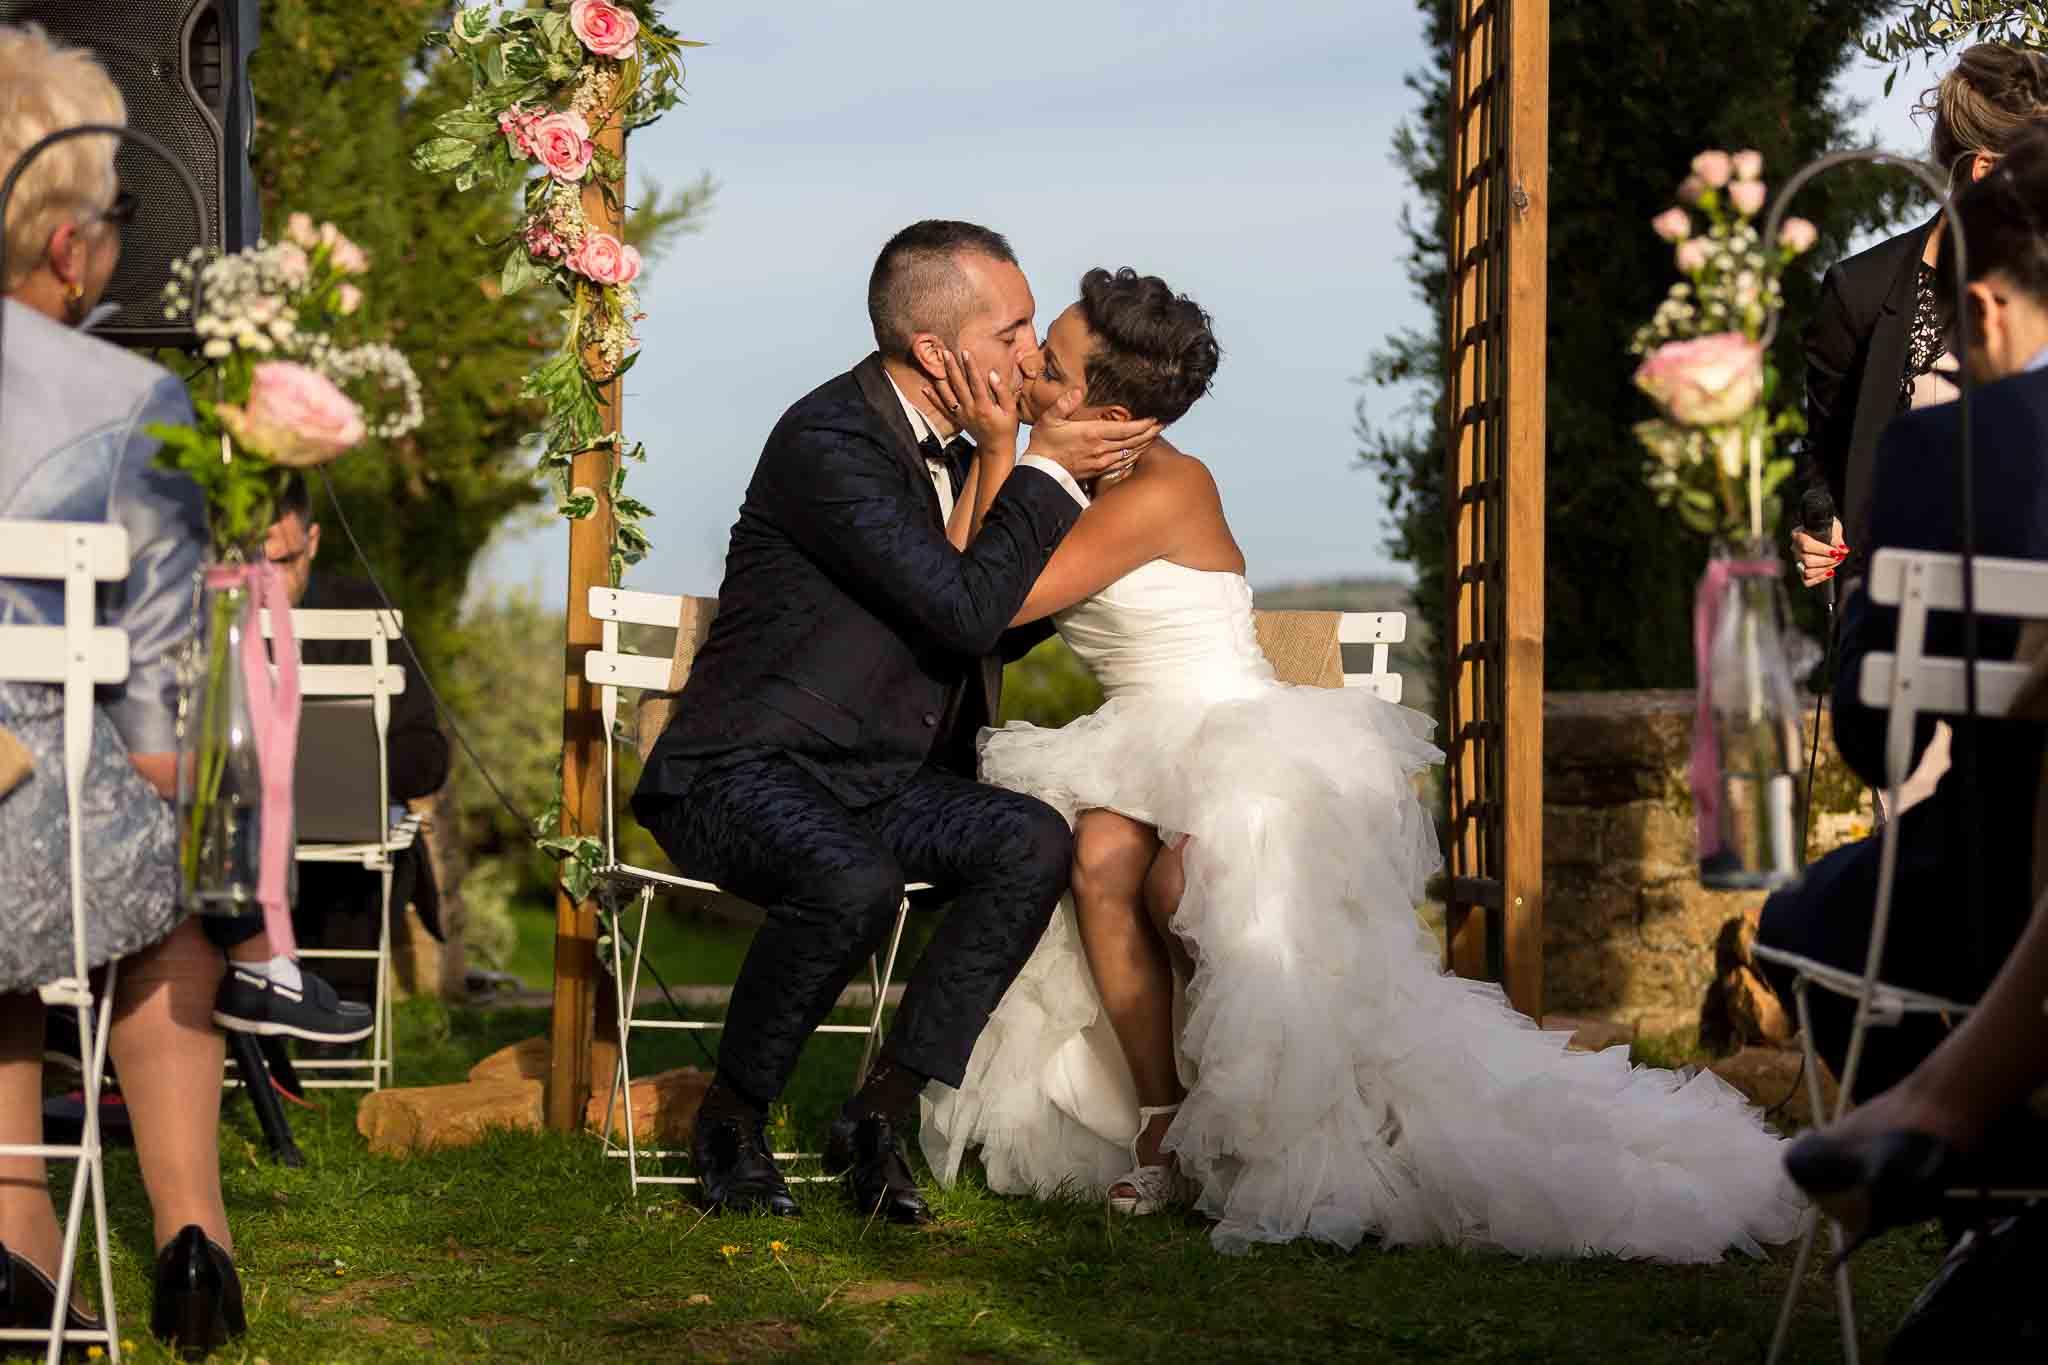 Ceremonie laique de couple durant mariage a lyon